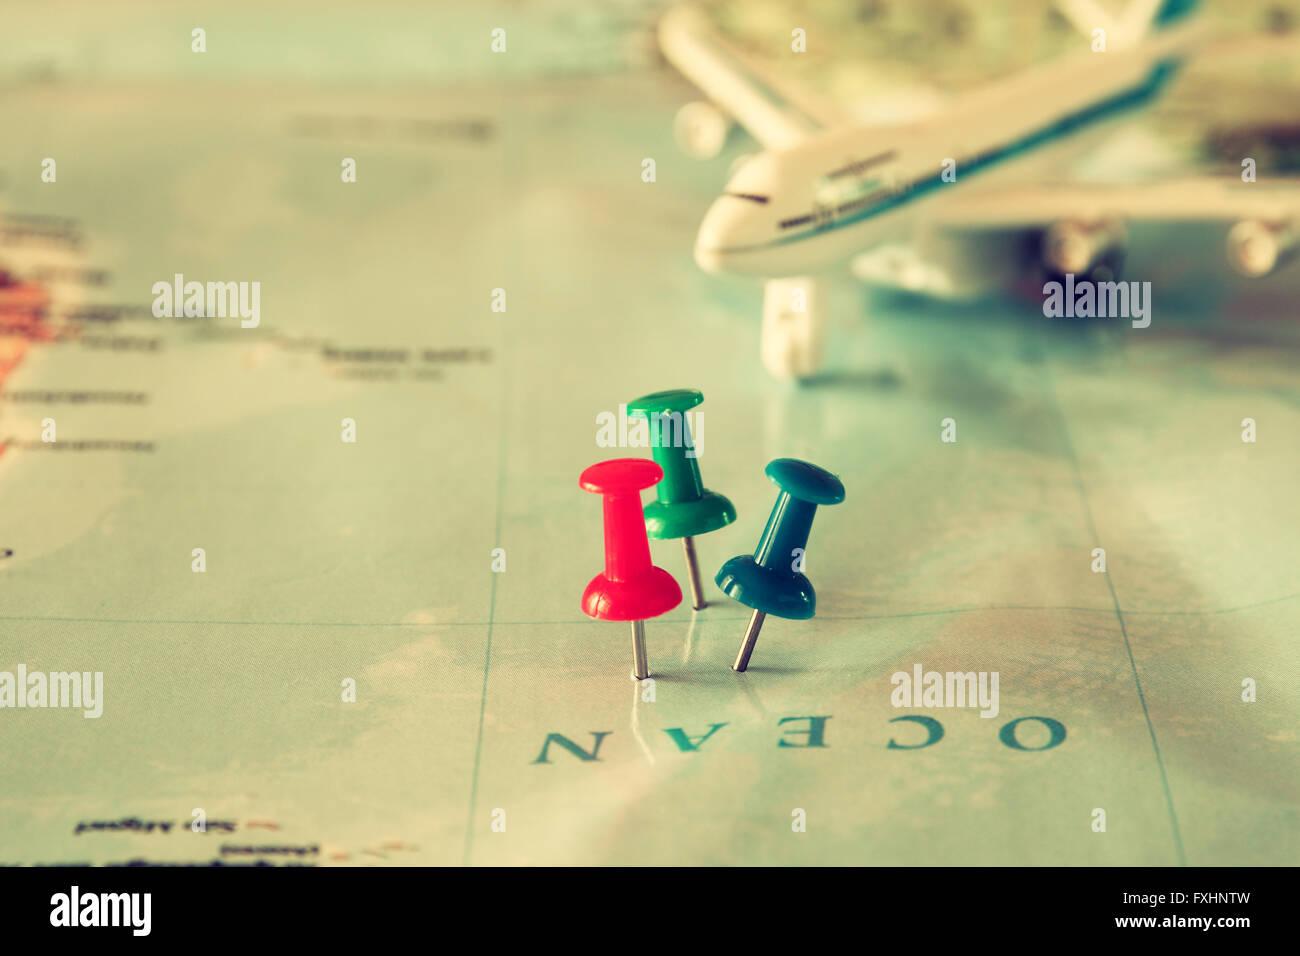 I pin attaccato a una mappa che mostra l'ubicazione o destinazione di viaggio . in stile retrò immagine. Immagini Stock